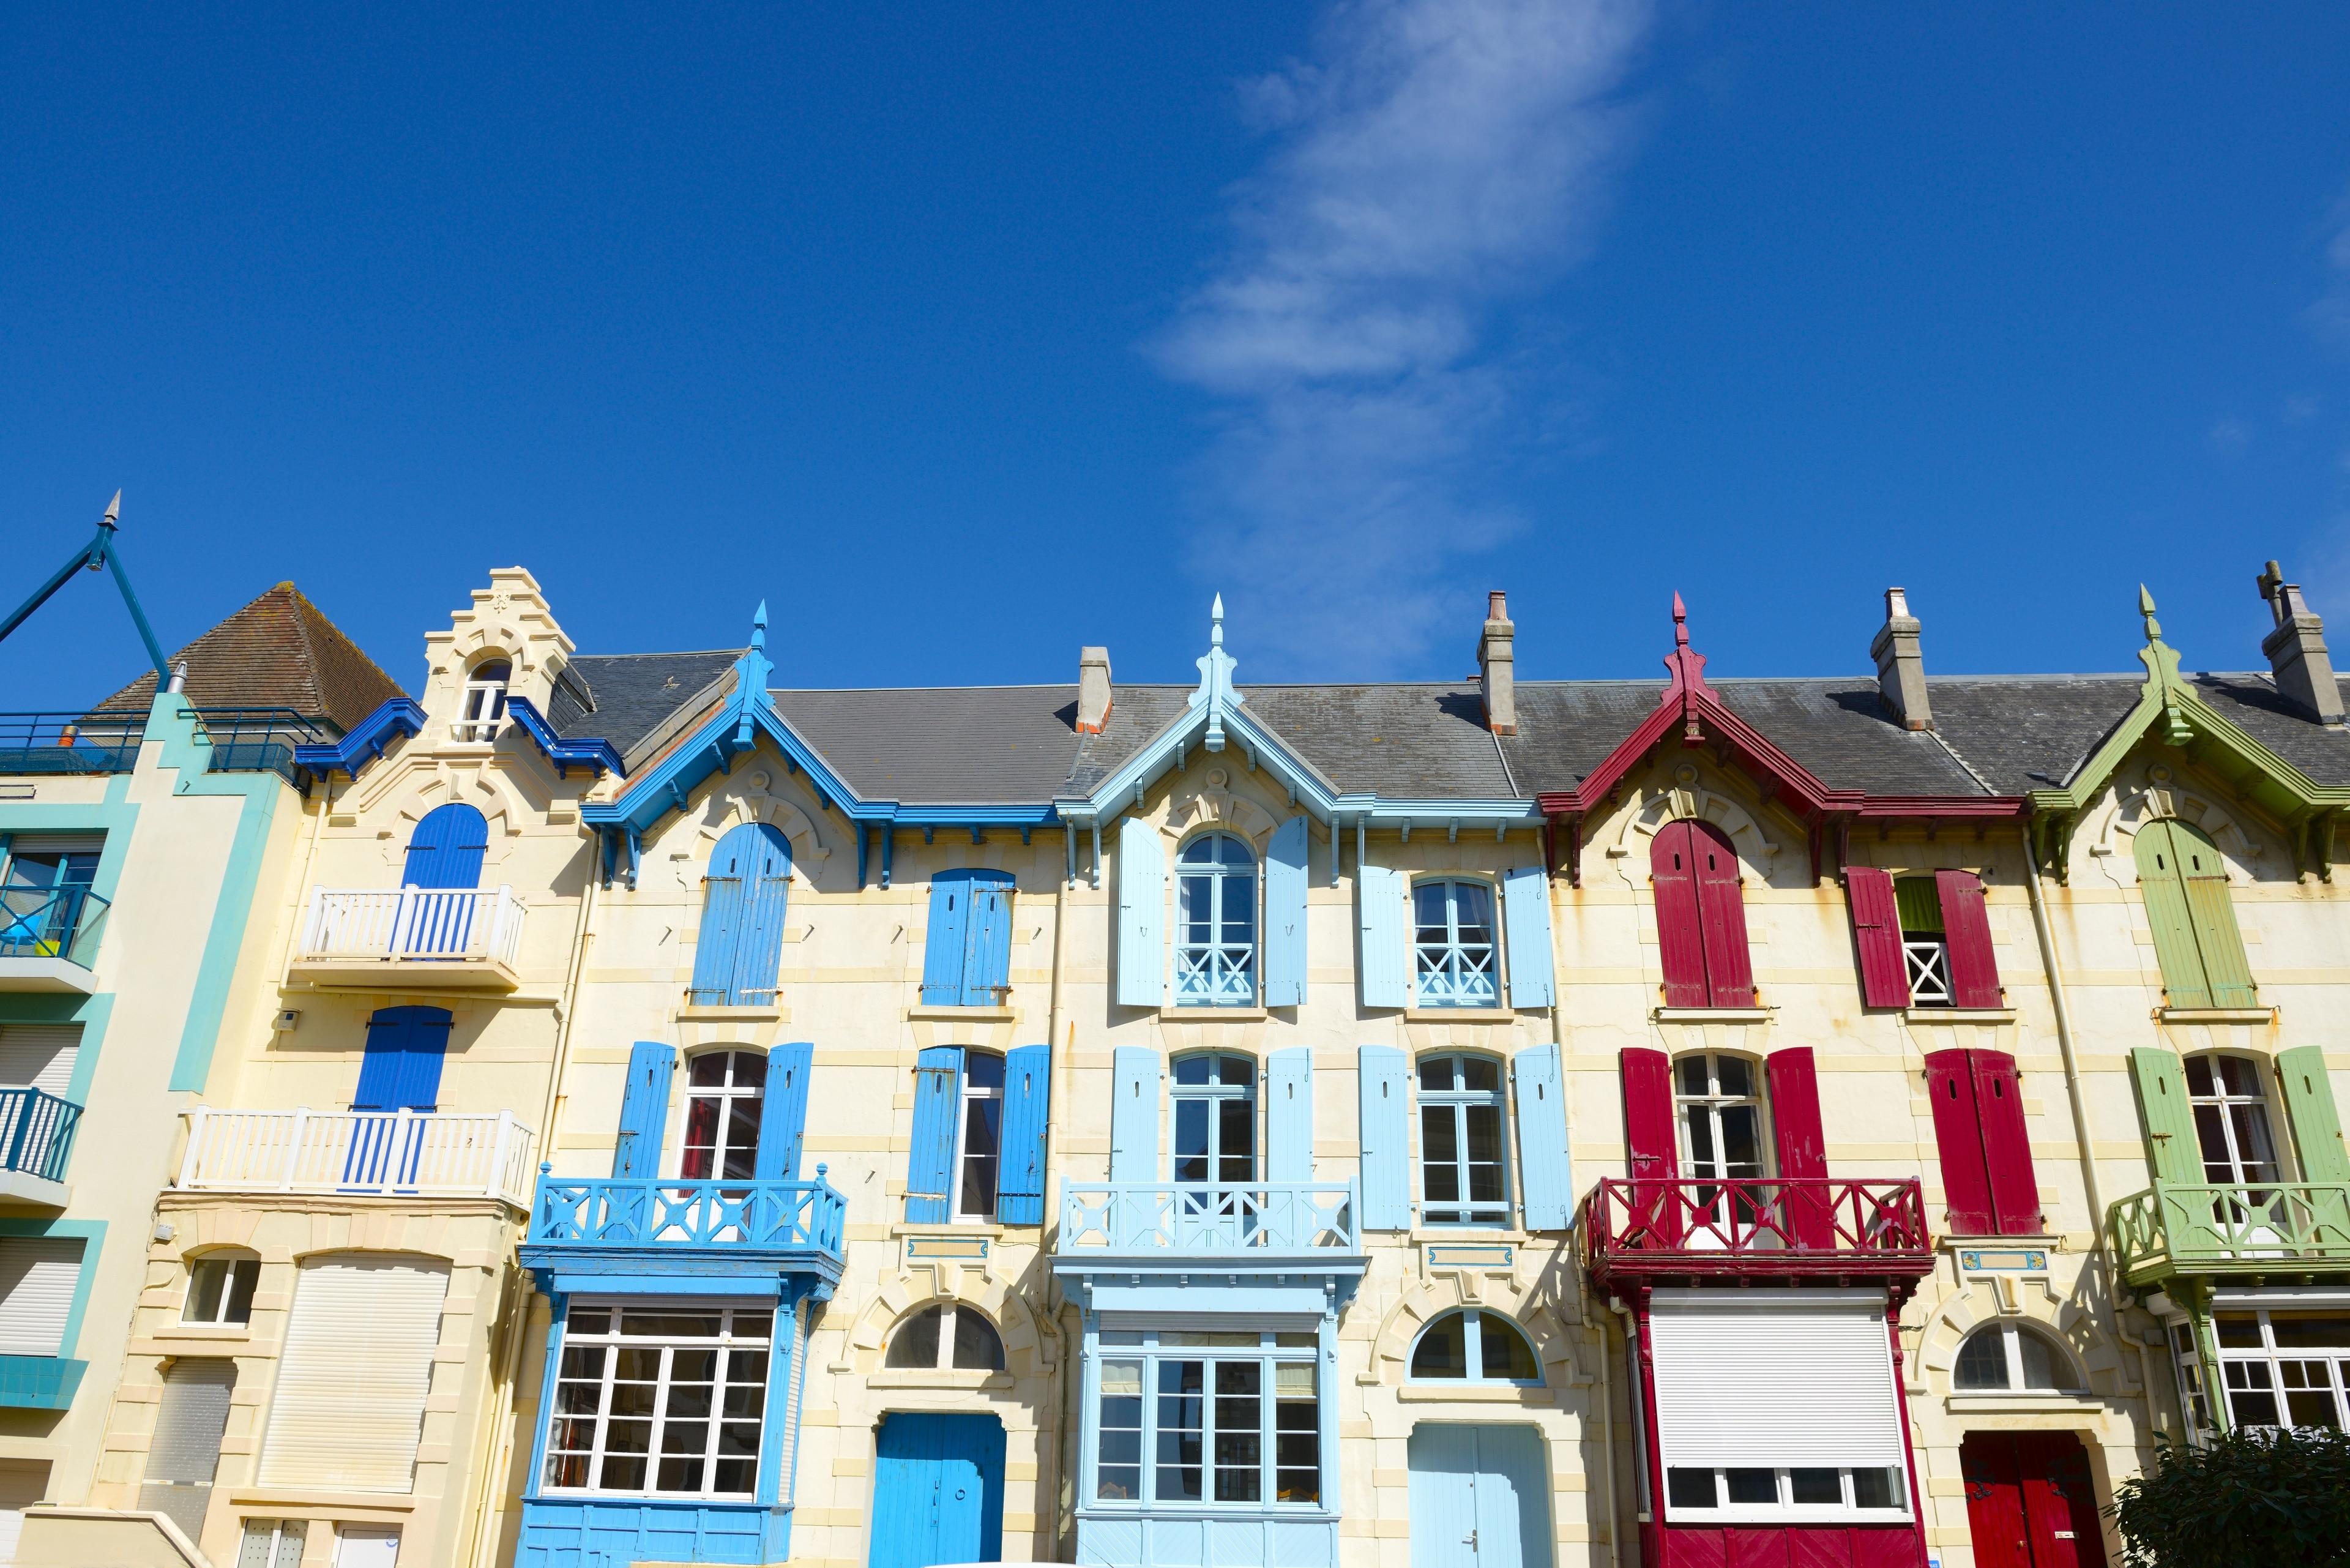 Wimereux, Pas-de-Calais, France